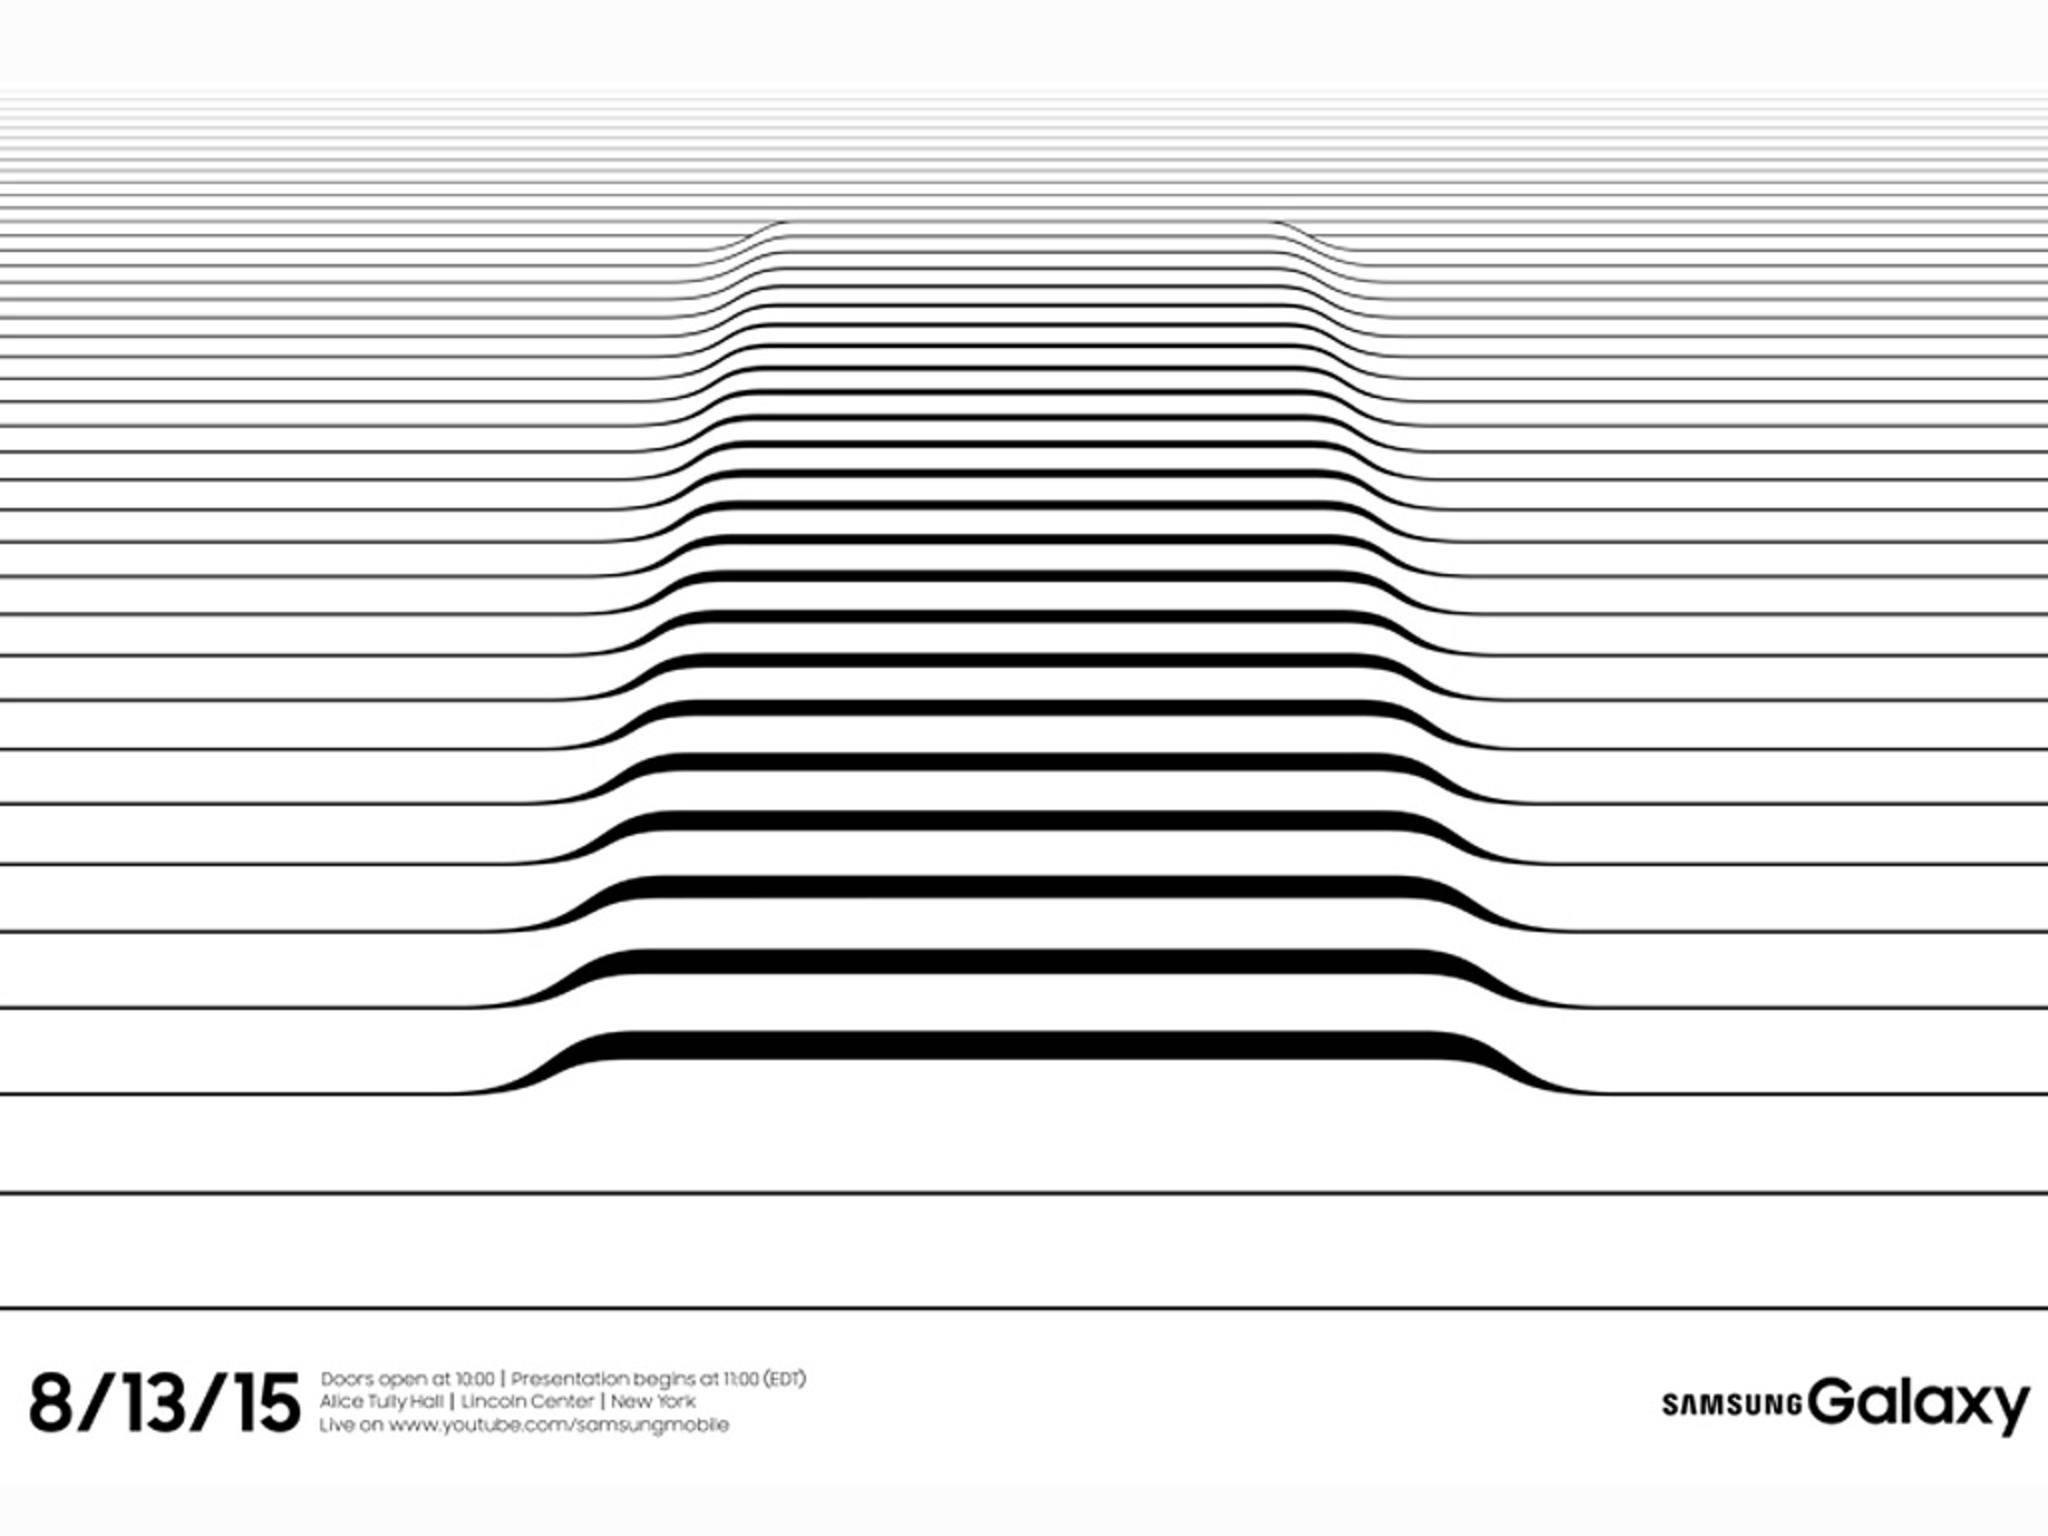 Auf dem Samsung Galaxy Unpacked-Event werden das Galaxy S6 Edge+ & Galaxy Note 5 enthüllt.